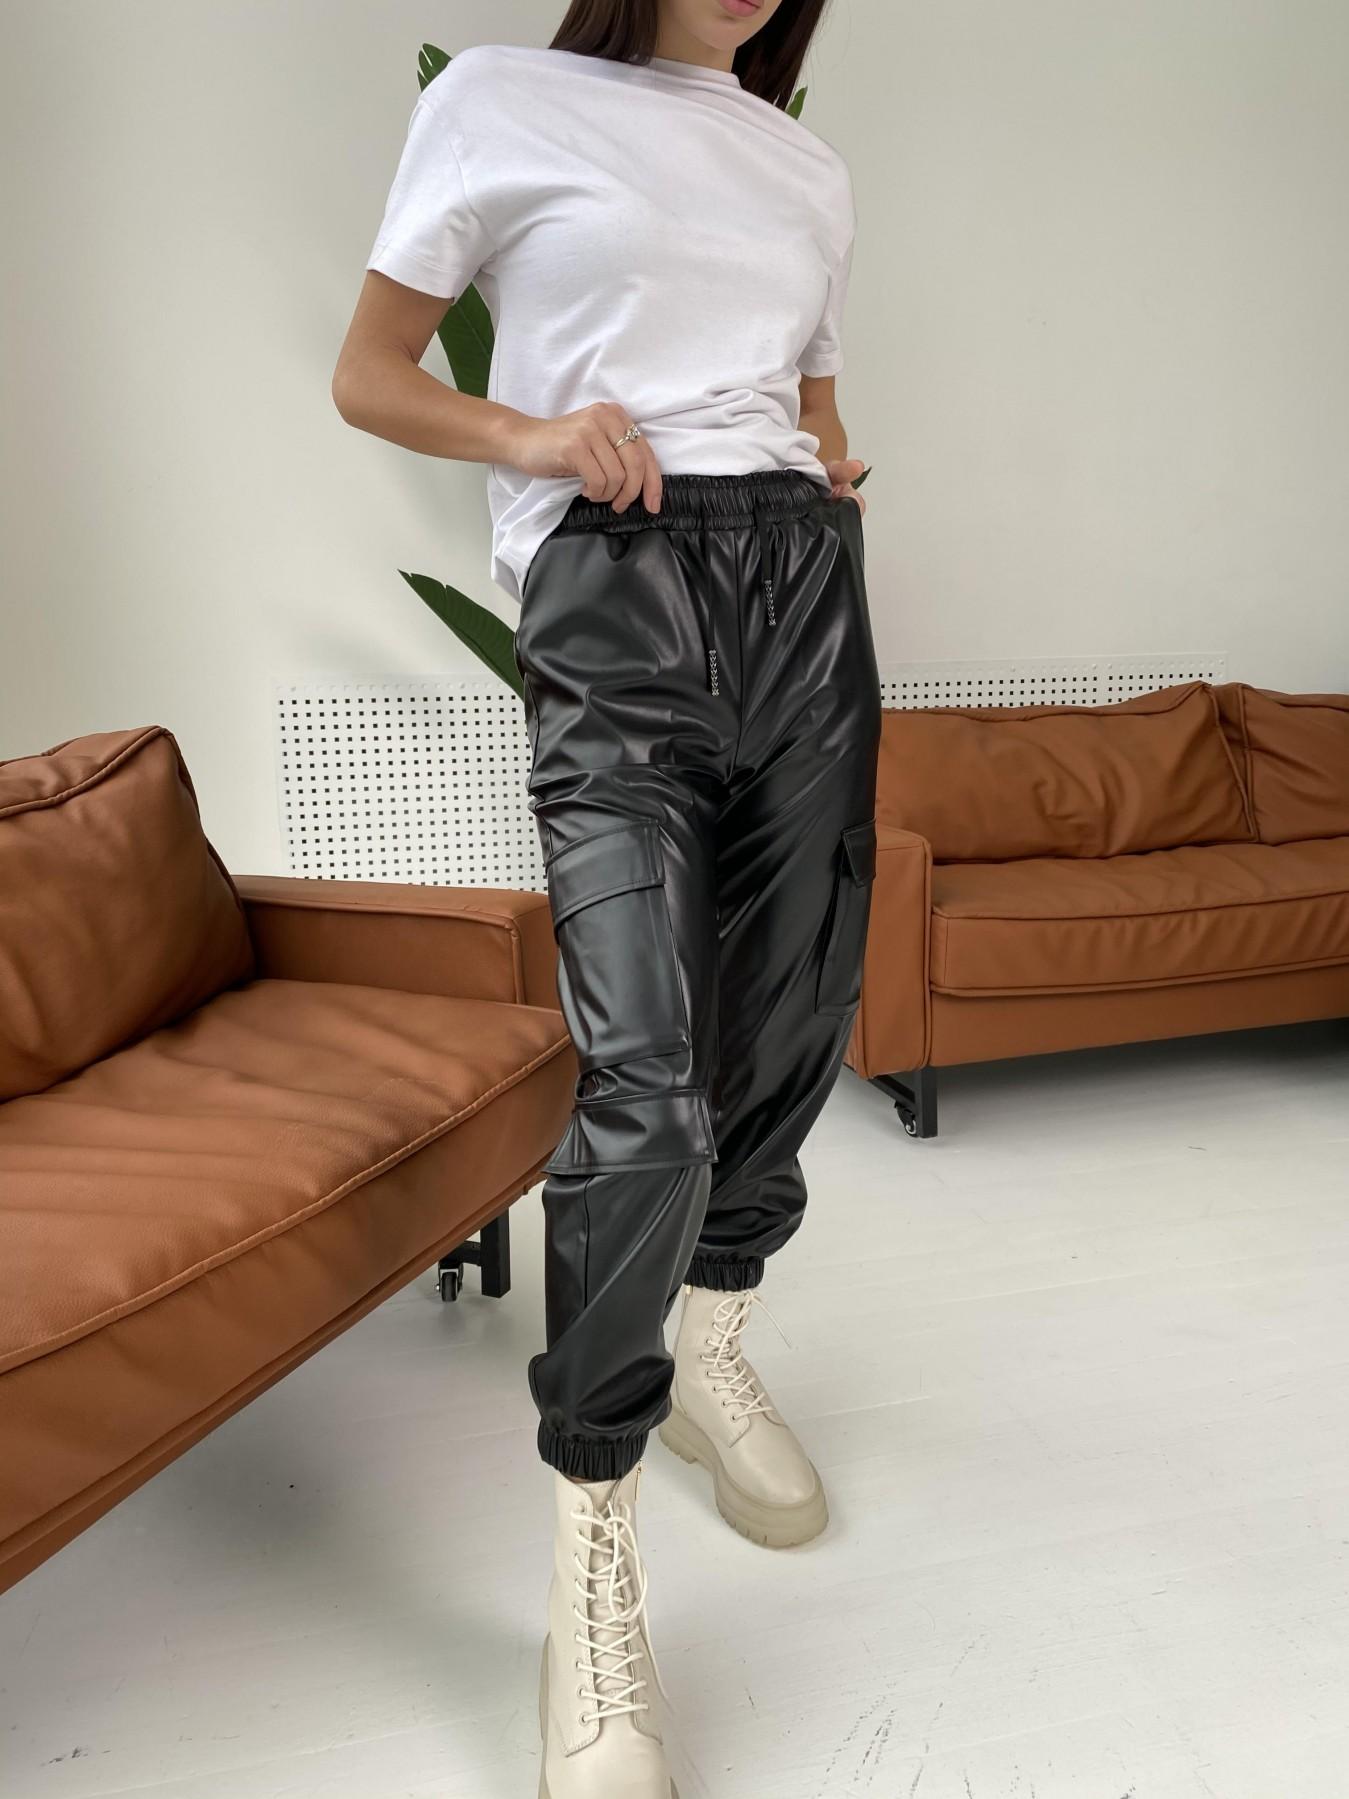 Кьюи брюки из экокожи 10673 АРТ. 47074 Цвет: Черный - фото 6, интернет магазин tm-modus.ru